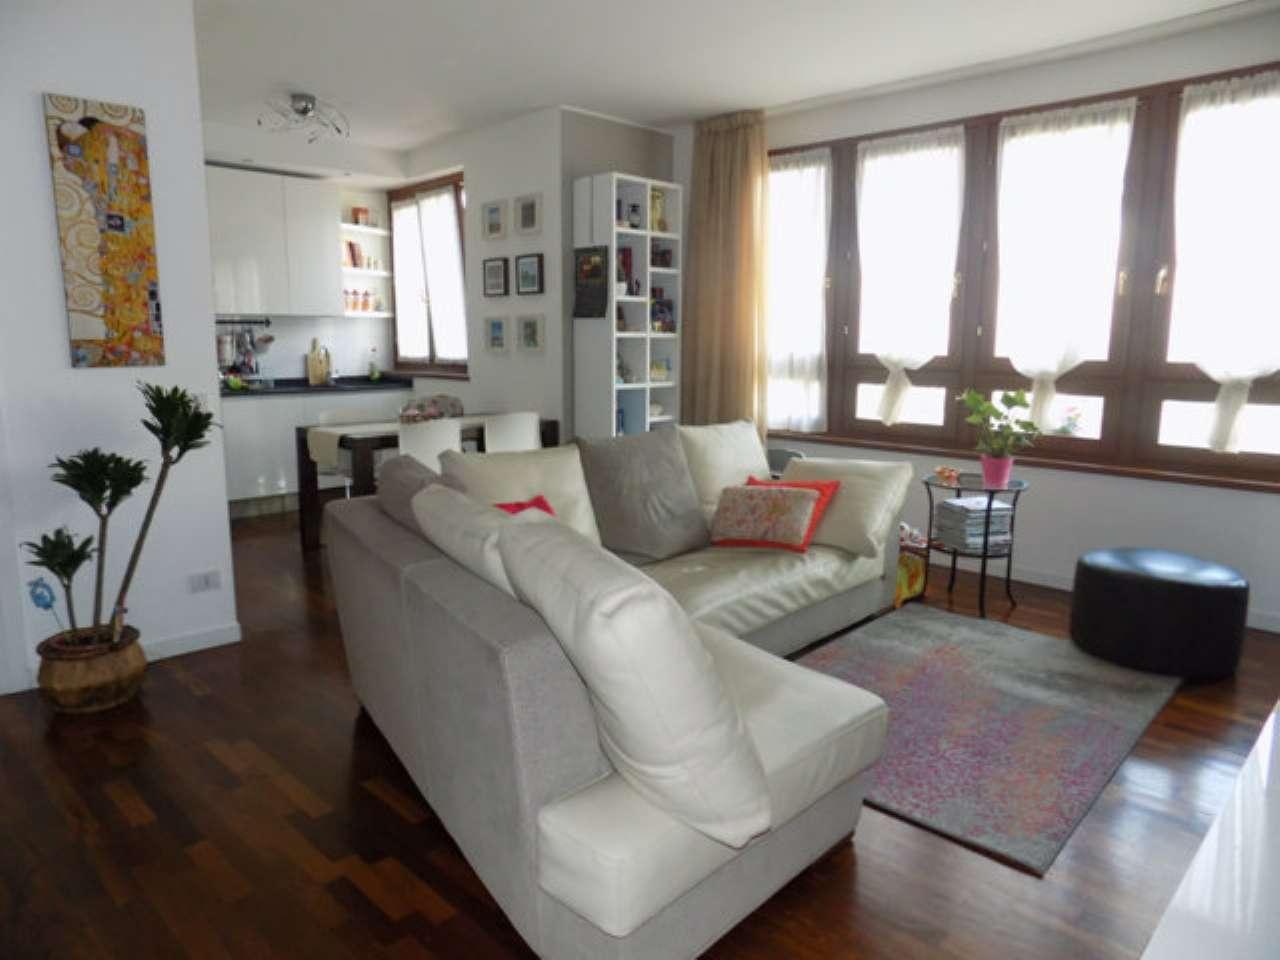 Appartamento in vendita a Senago, 3 locali, prezzo € 245.000 | CambioCasa.it